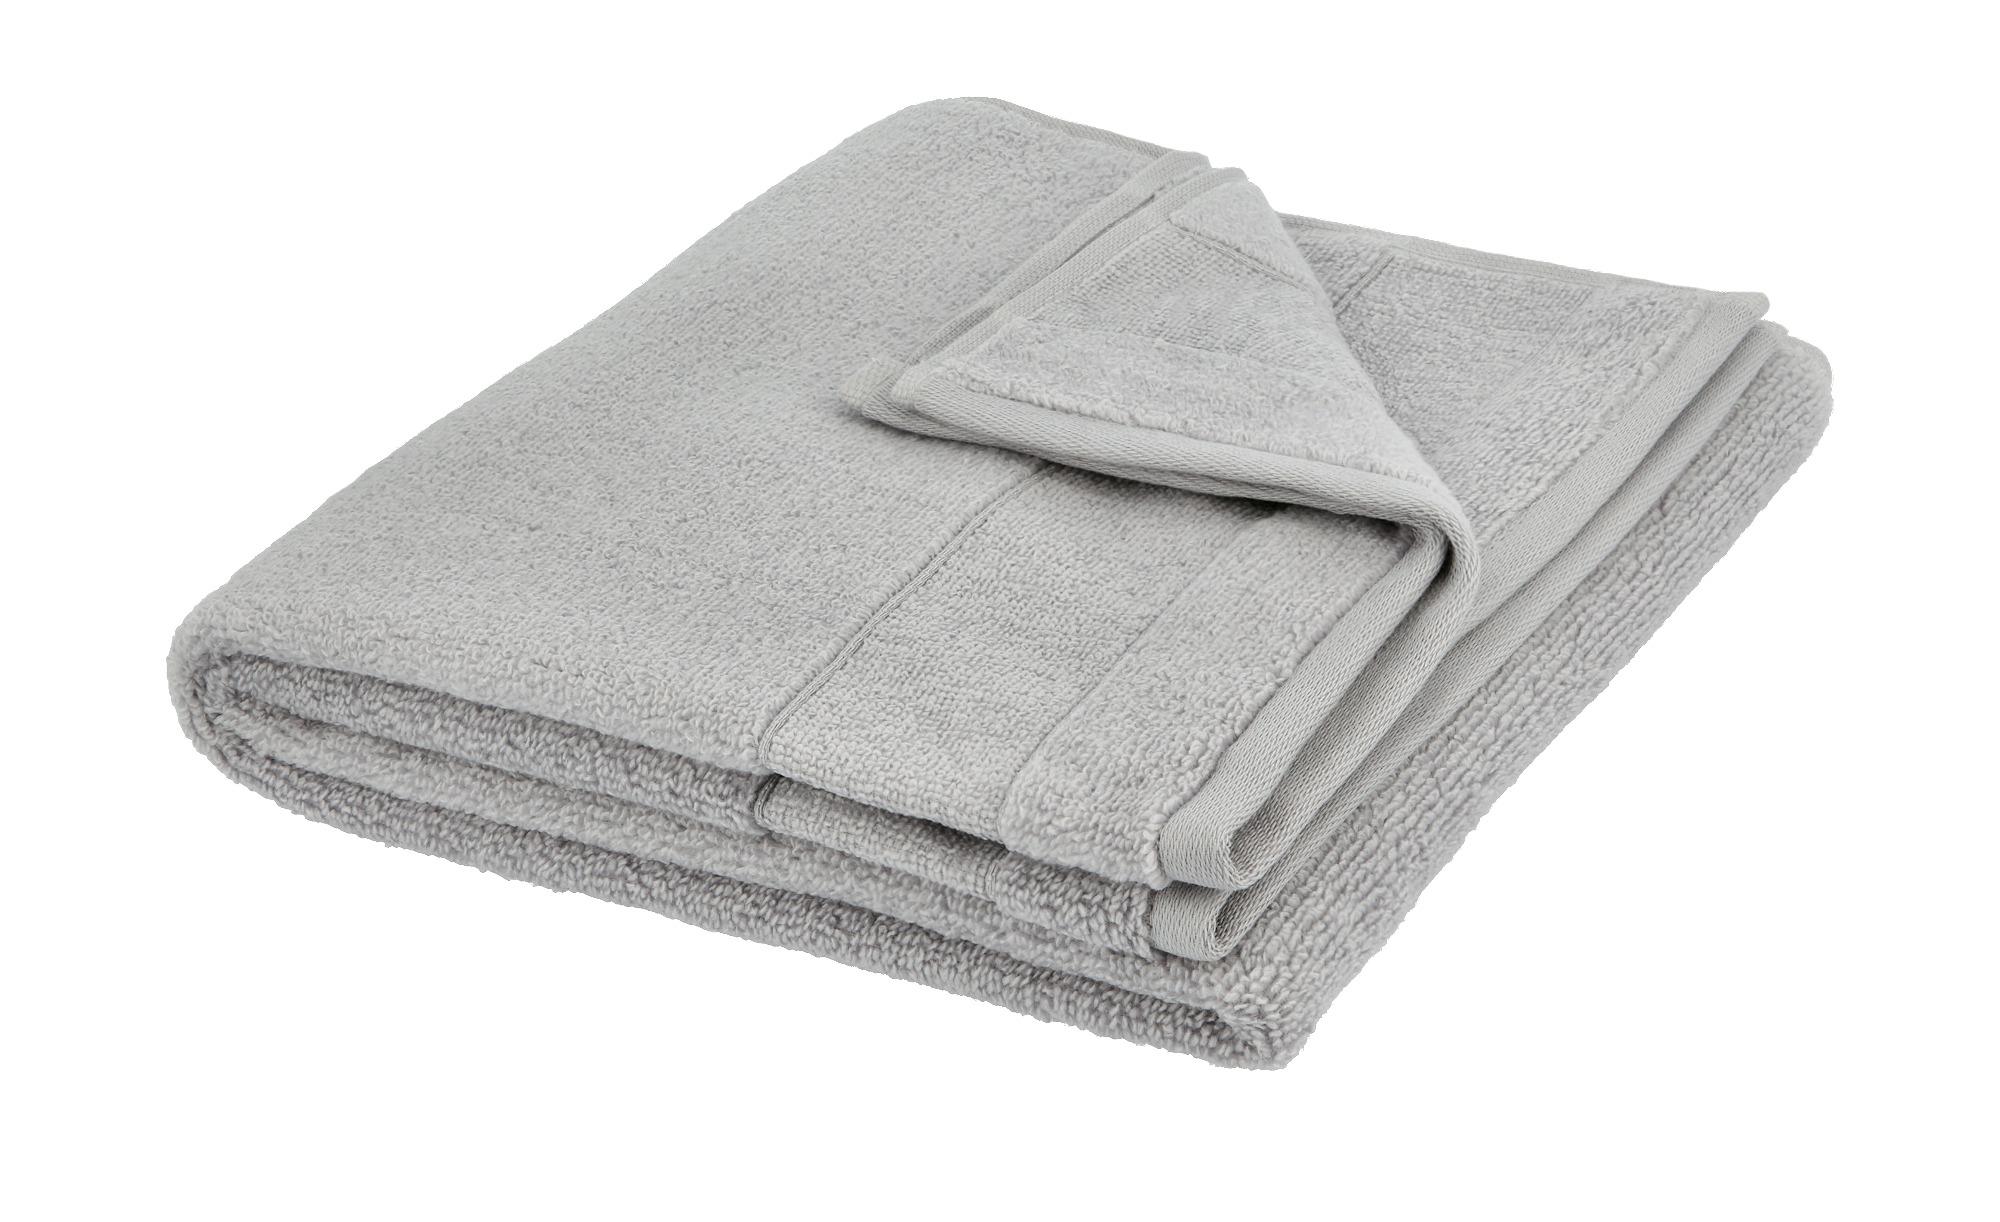 VOSSEN Handtuch  Cloud ¦ grau ¦ 100% Baumwolle ¦ Maße (cm): B: 50 Badtextilien und Zubehör > Handtücher & Badetücher > Handtücher - Höffner